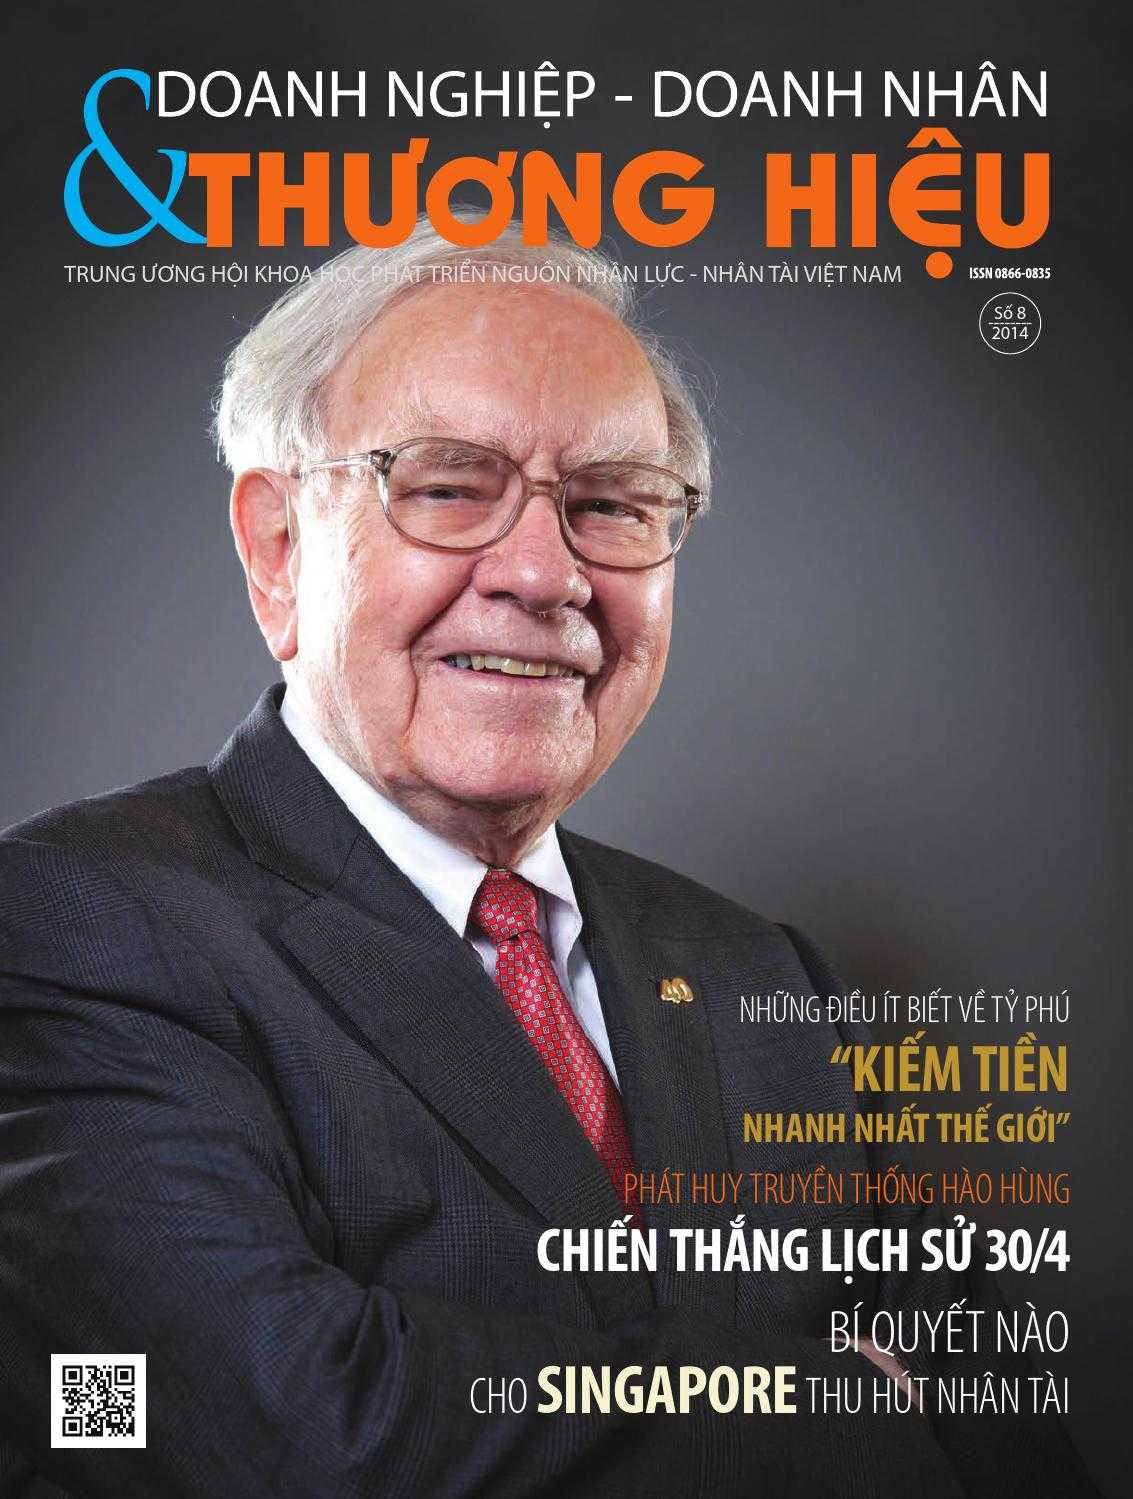 Một trang bìa Tạp chí Doanh nghiệp Doanh nhân và Thương hiệu